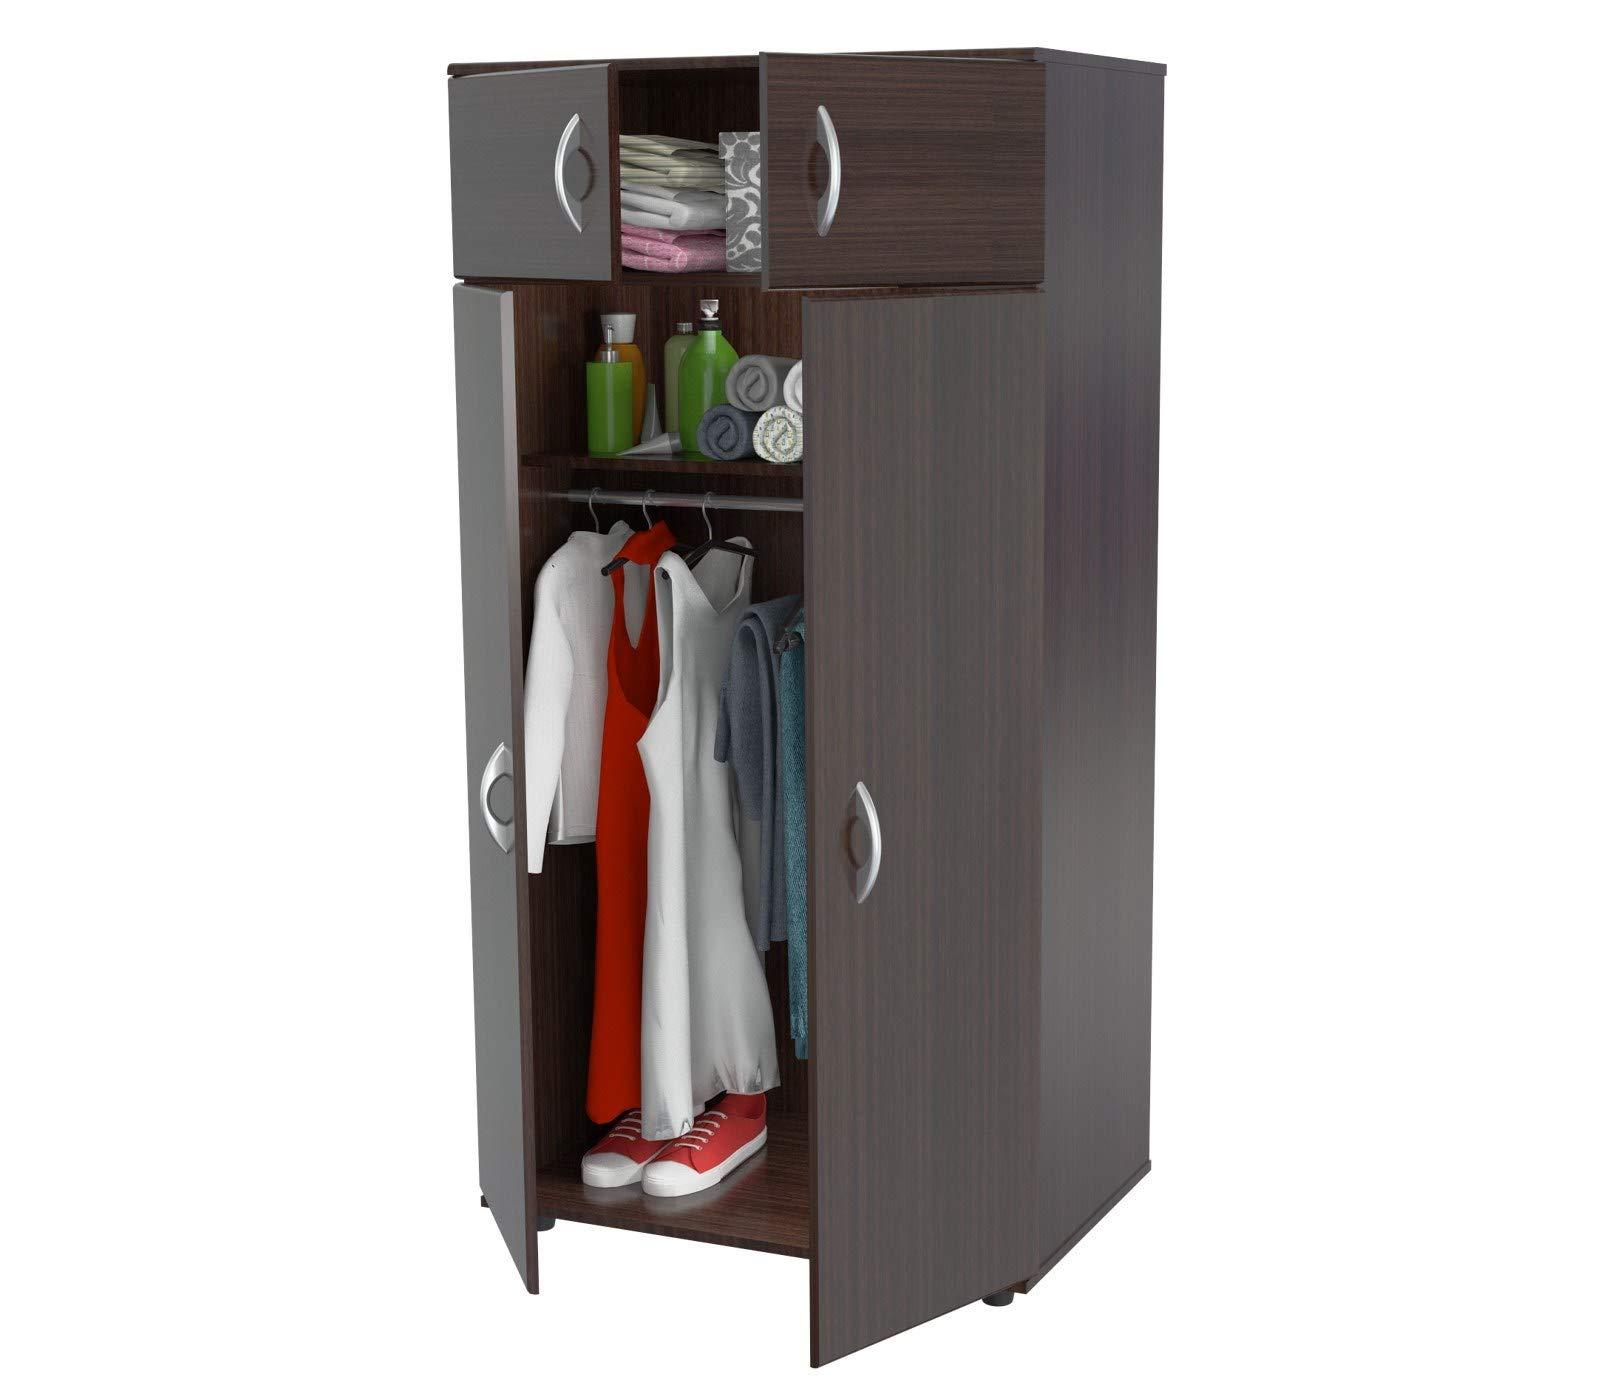 Inval AM-2823 4-Door Armoire Wardrobe, Espresso by Inval